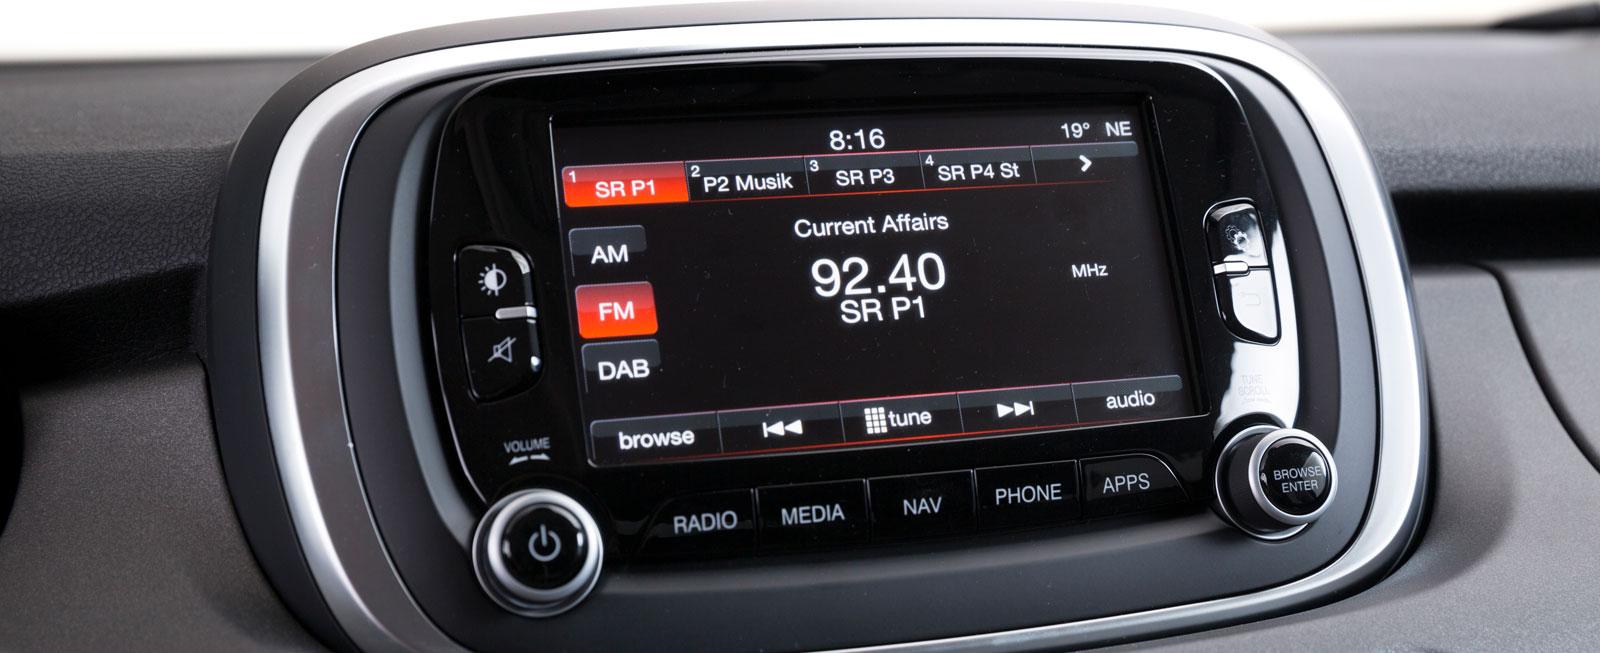 Fiats system är testets bästa, med förhållandevis pigg och tydlig grafik samt enkel skötsel via vred och pekfinger.